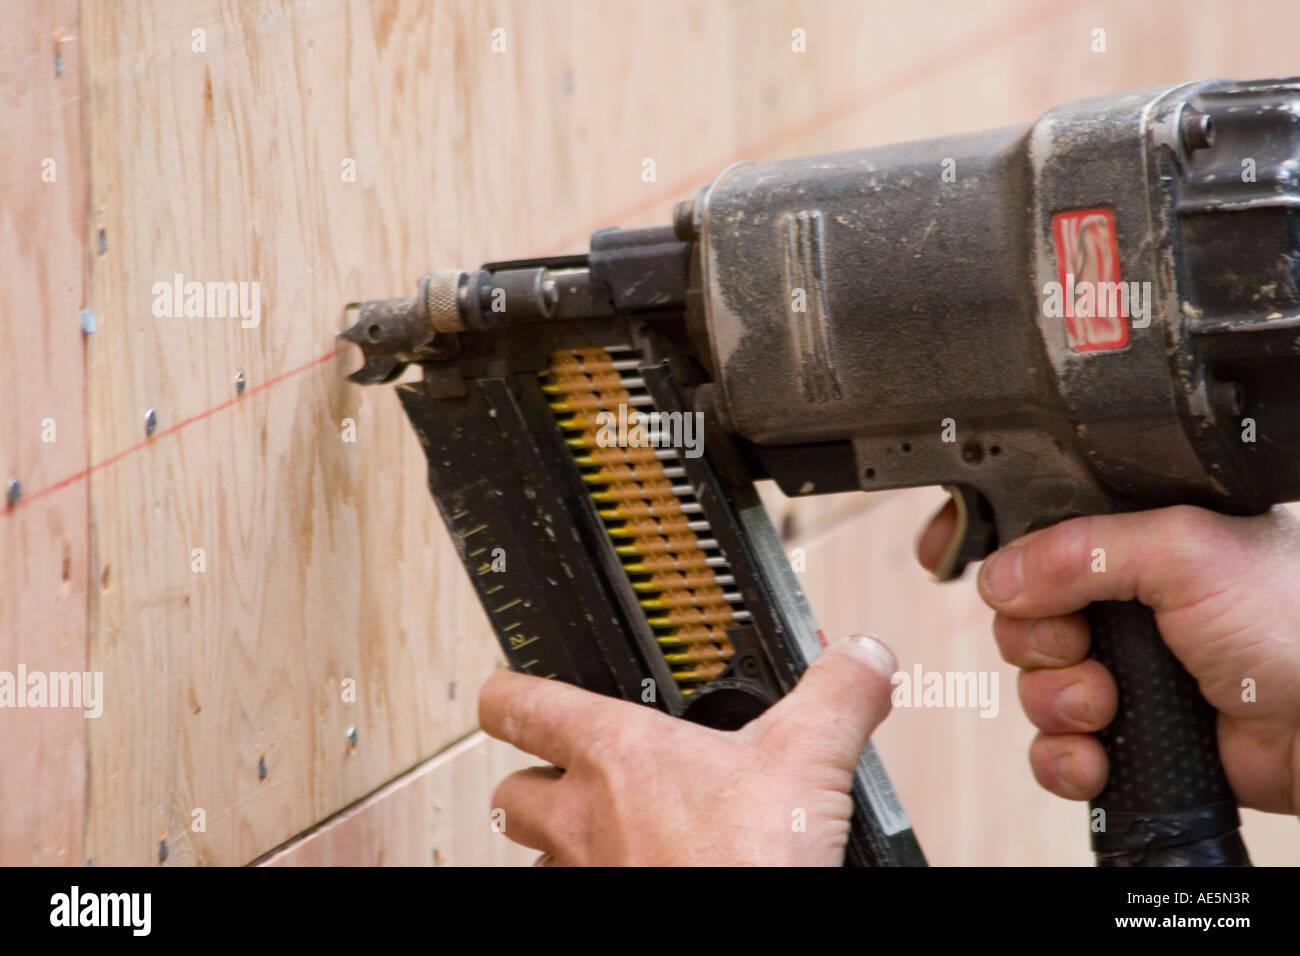 Carpenter Using Nail Gun To Shoot Nails Into Plywood